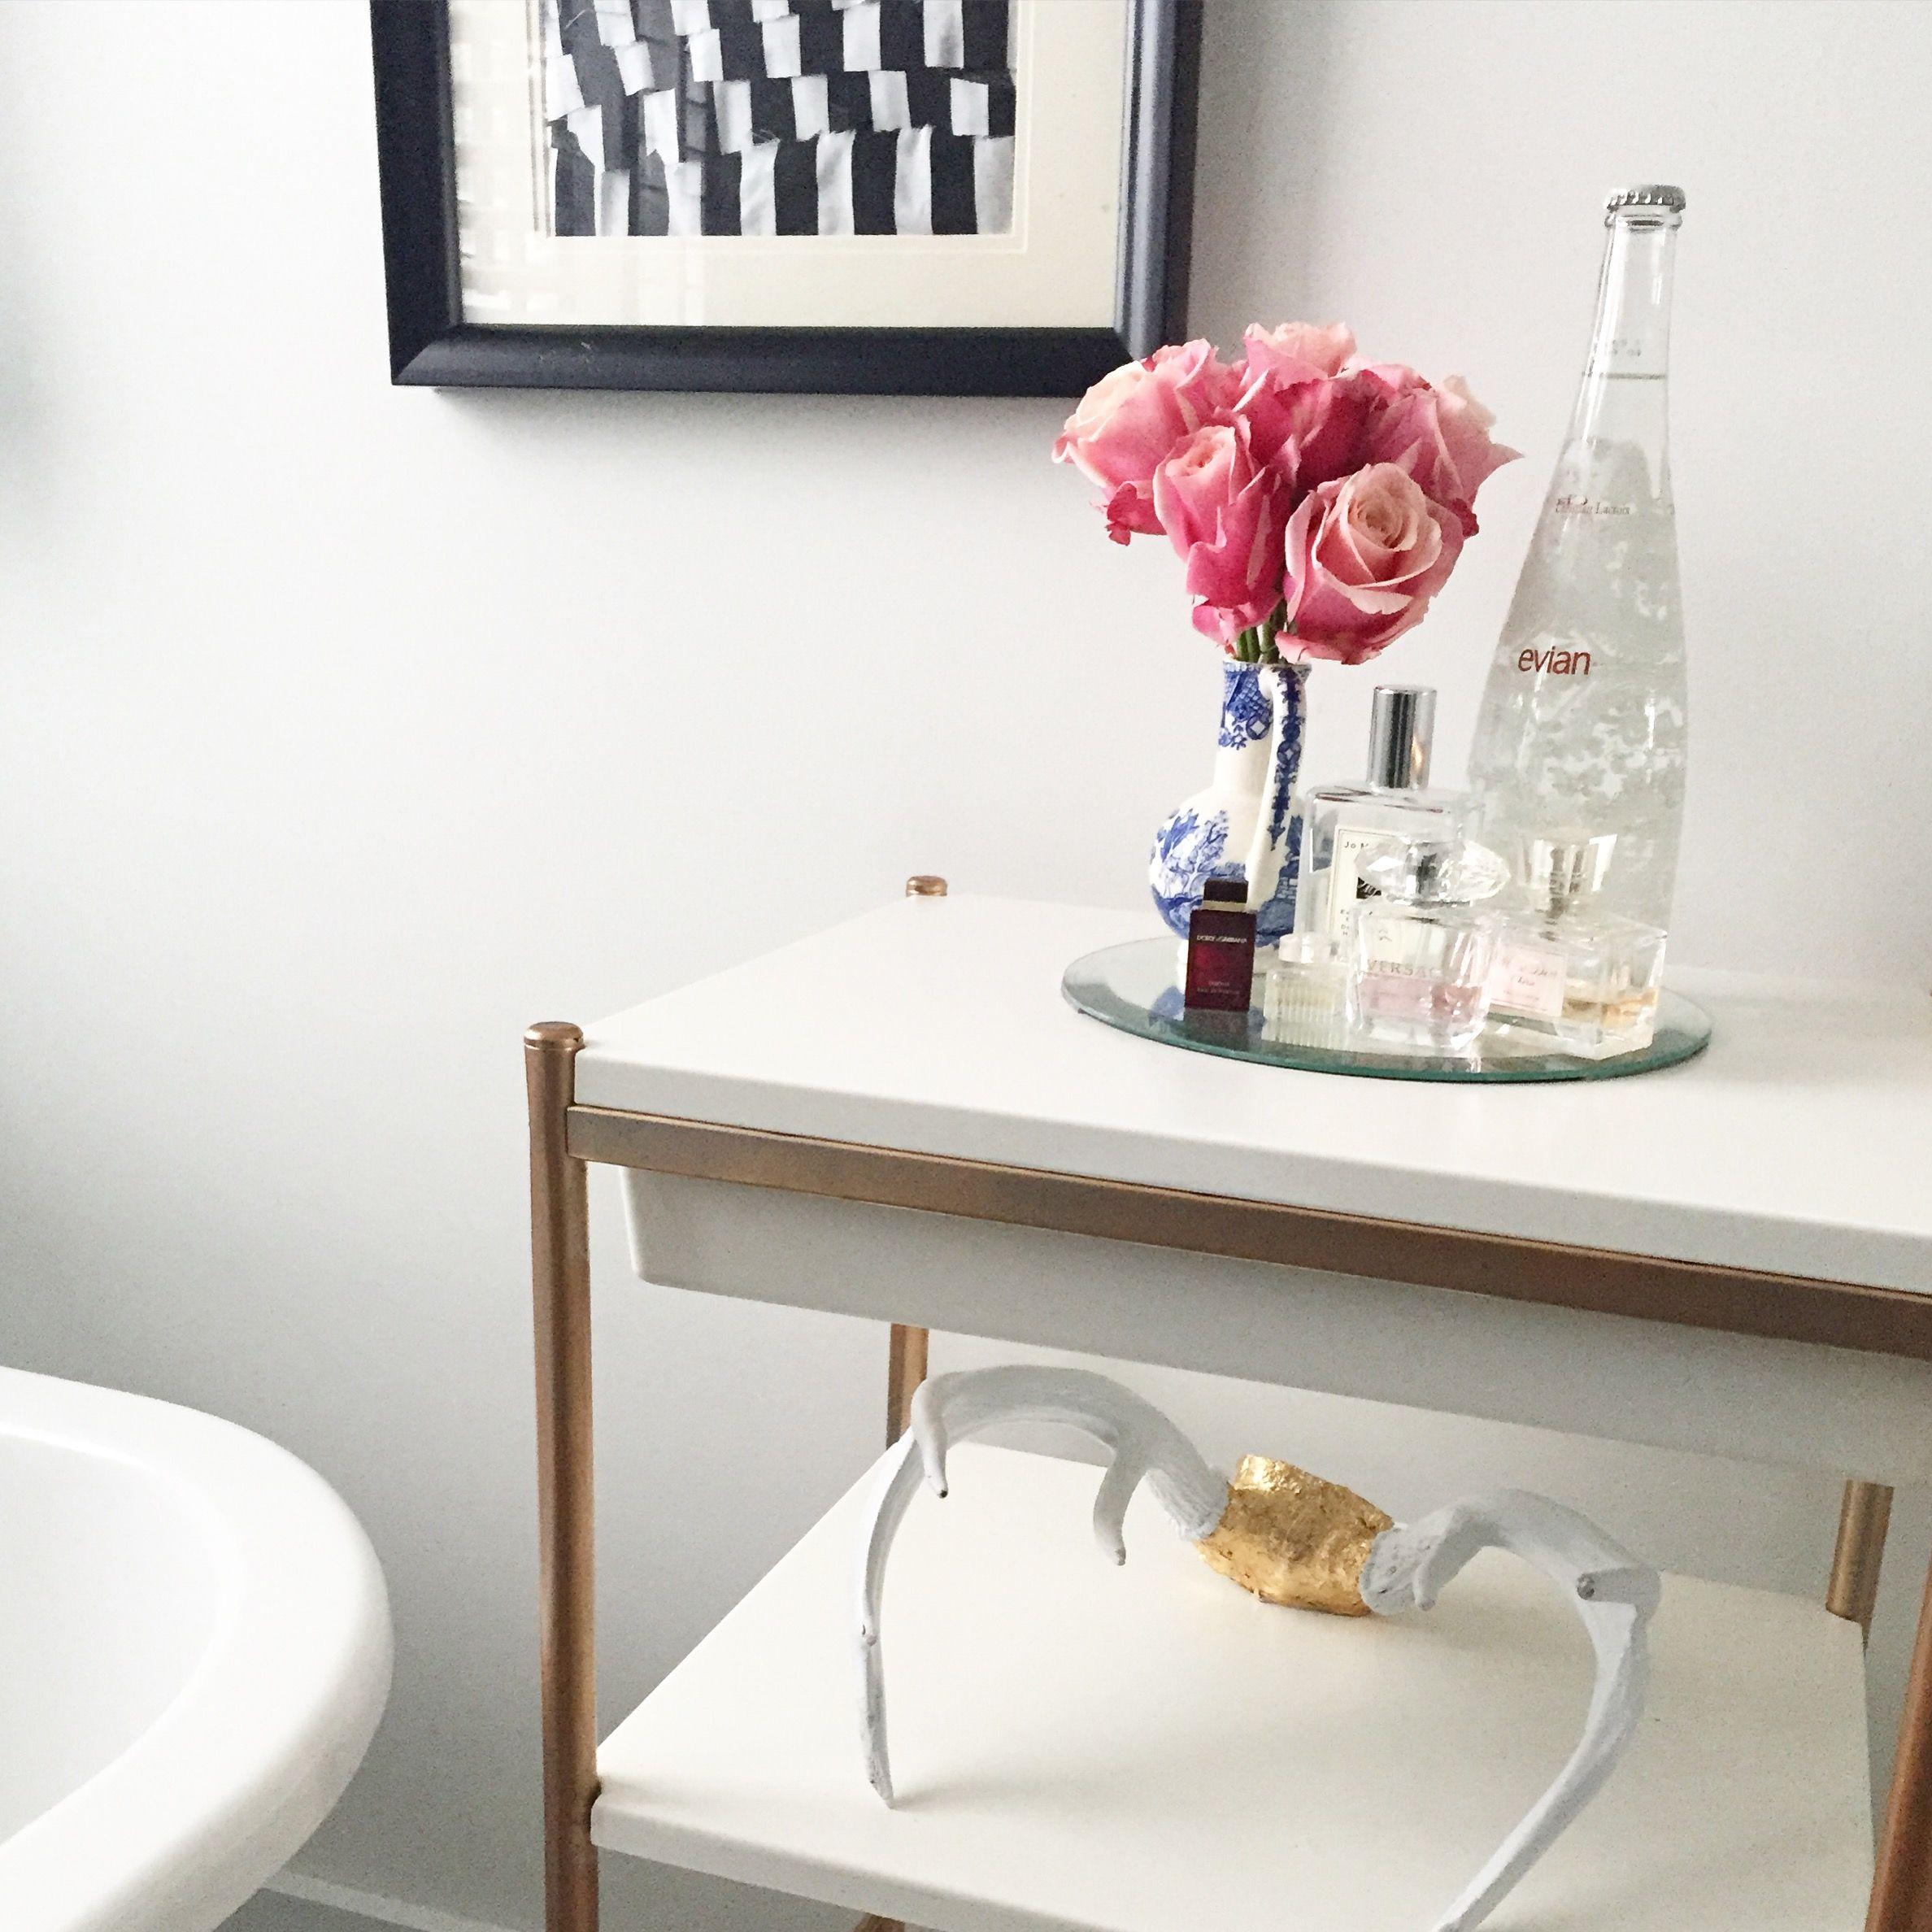 Ikea Hack Gold Bathroom Cart  Httpsouthernhaus  Dream Inspiration Small Bathroom Cart Inspiration Design